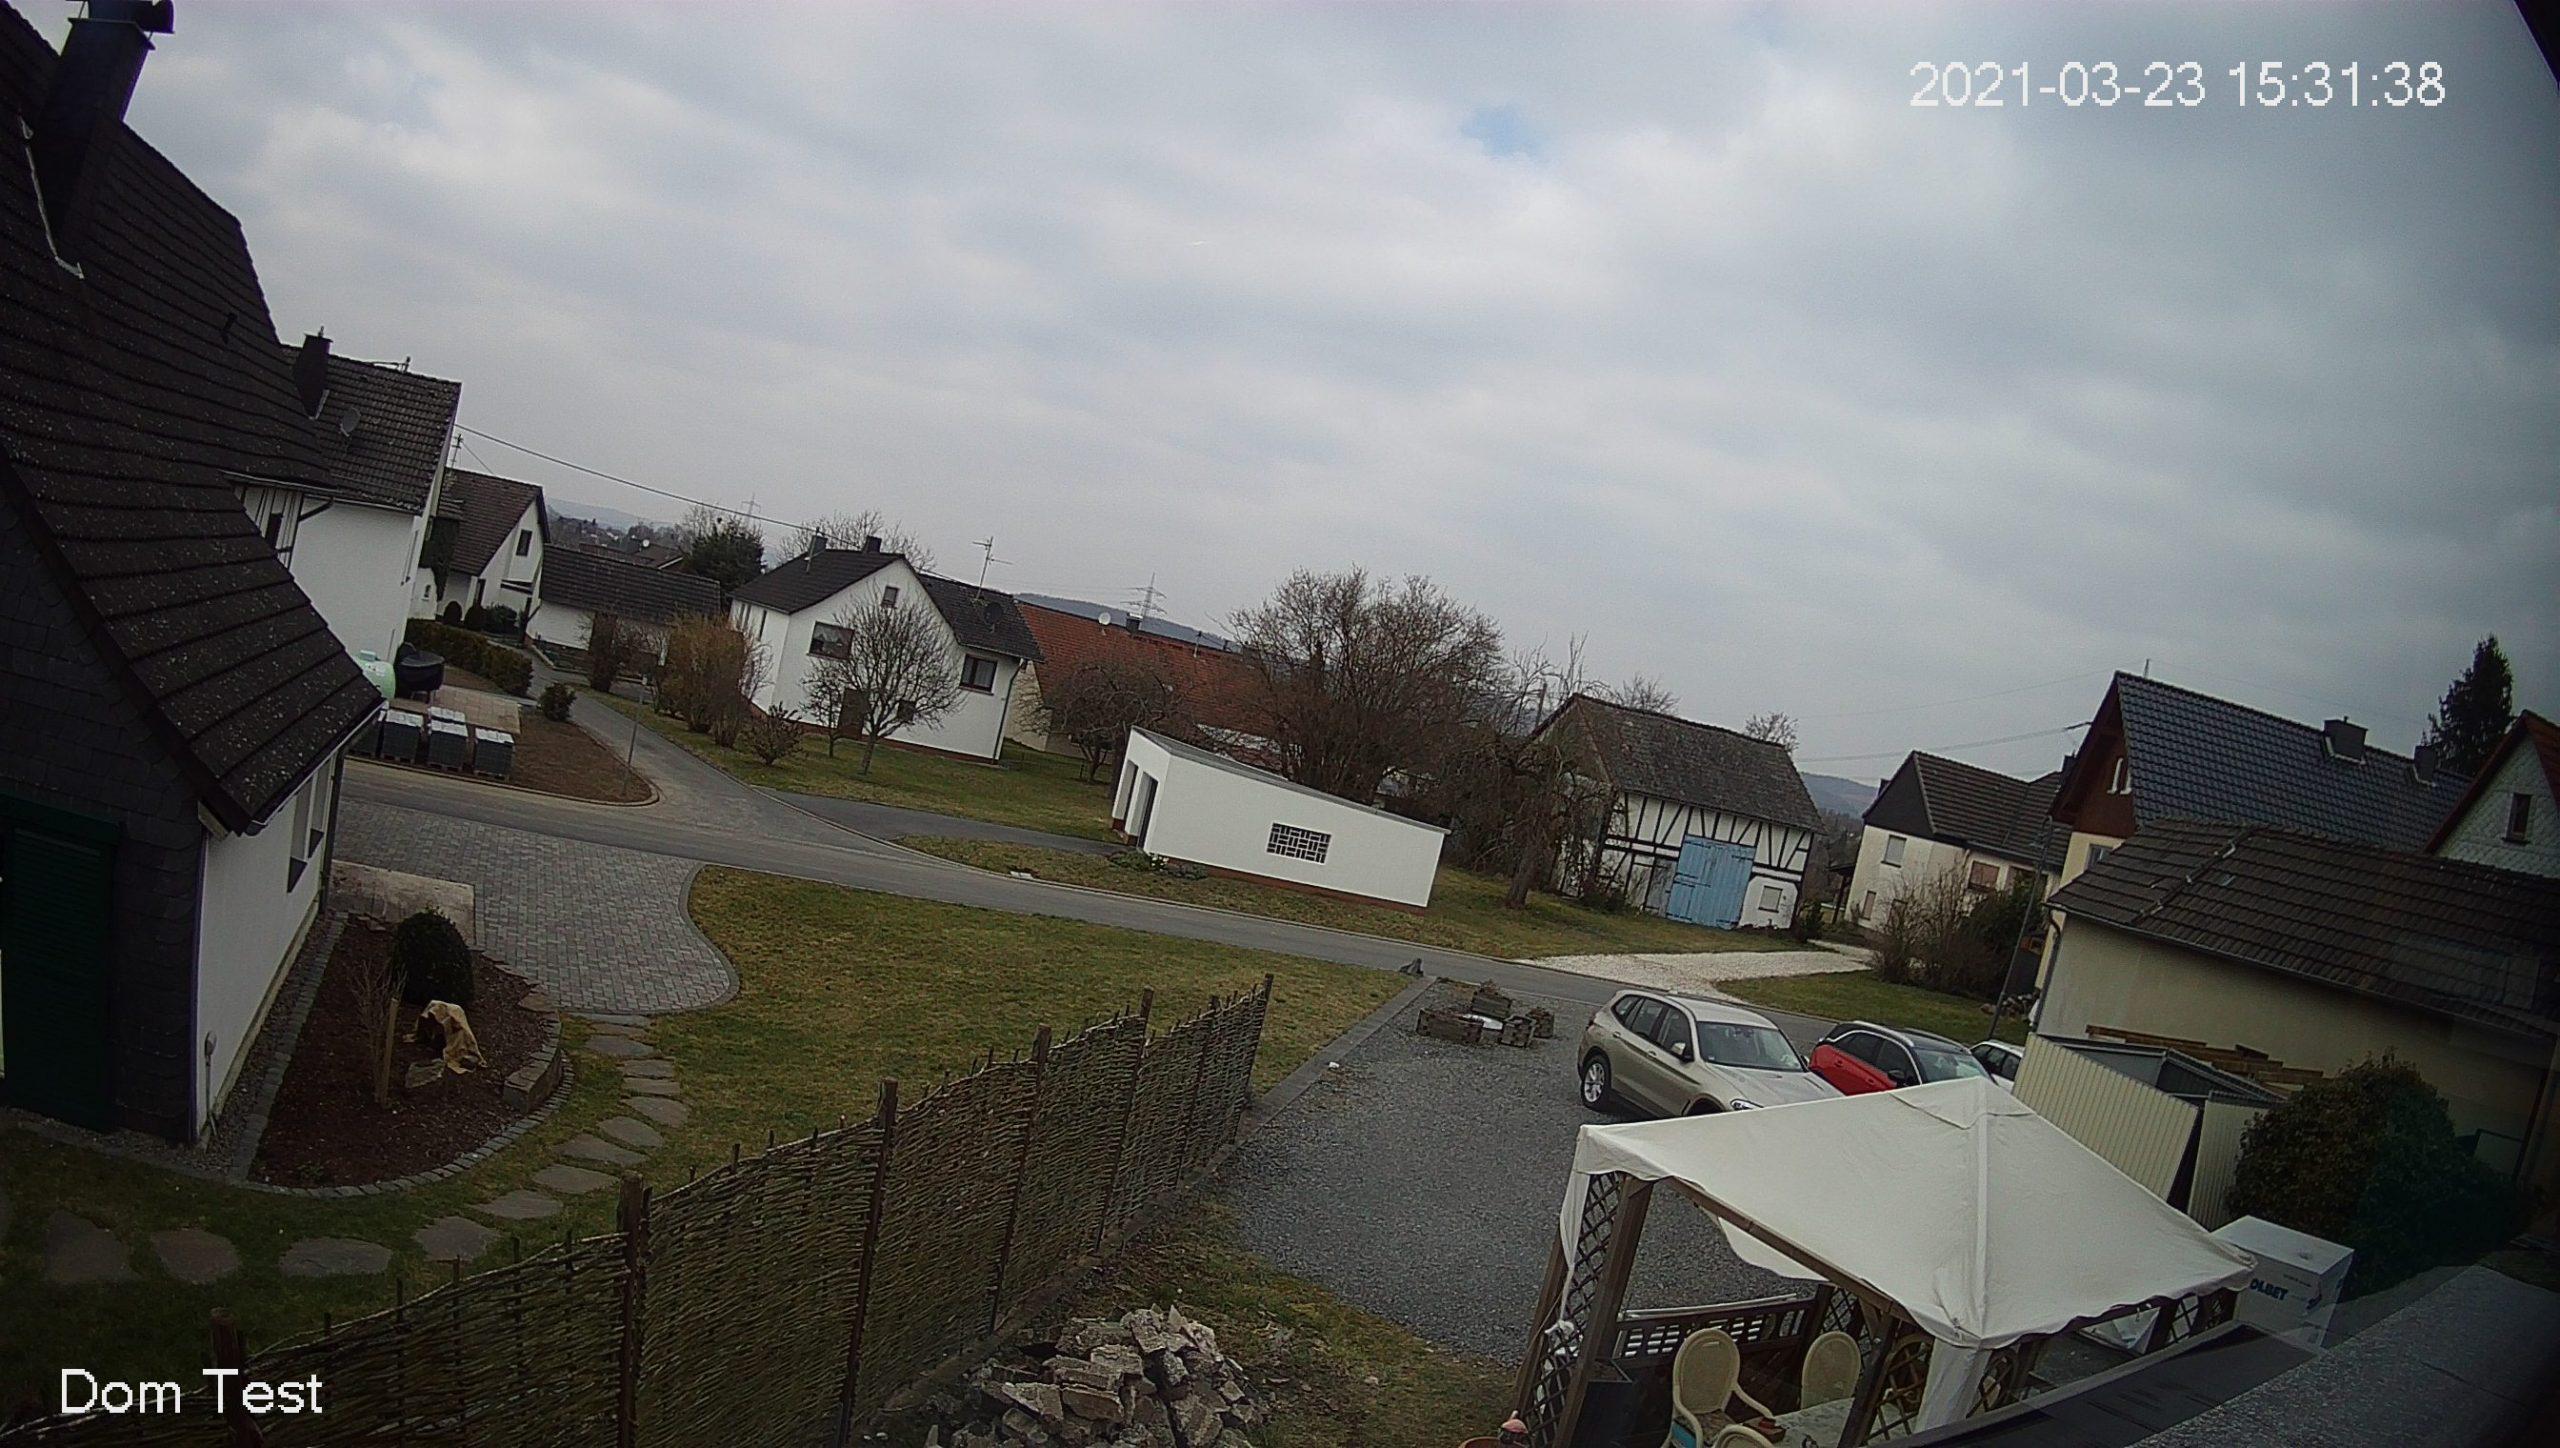 Essen-2021-03-23-14-57-01